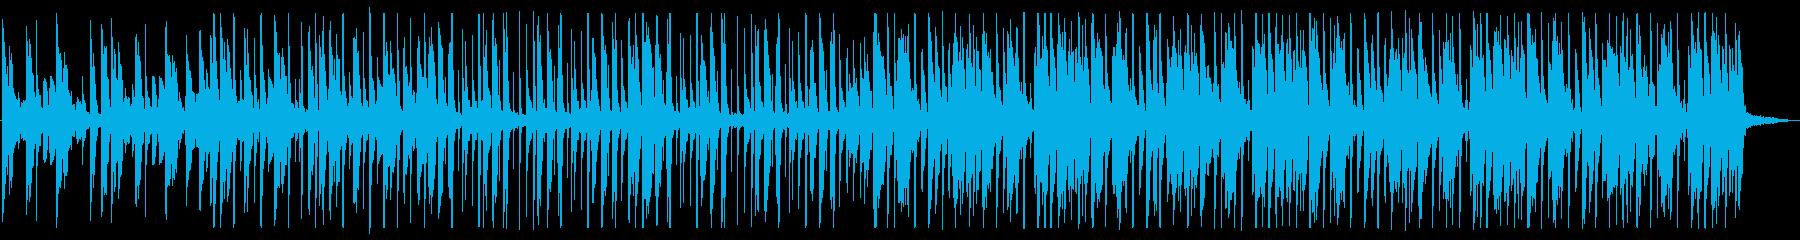 都会/ヒップホップ_No453_3の再生済みの波形